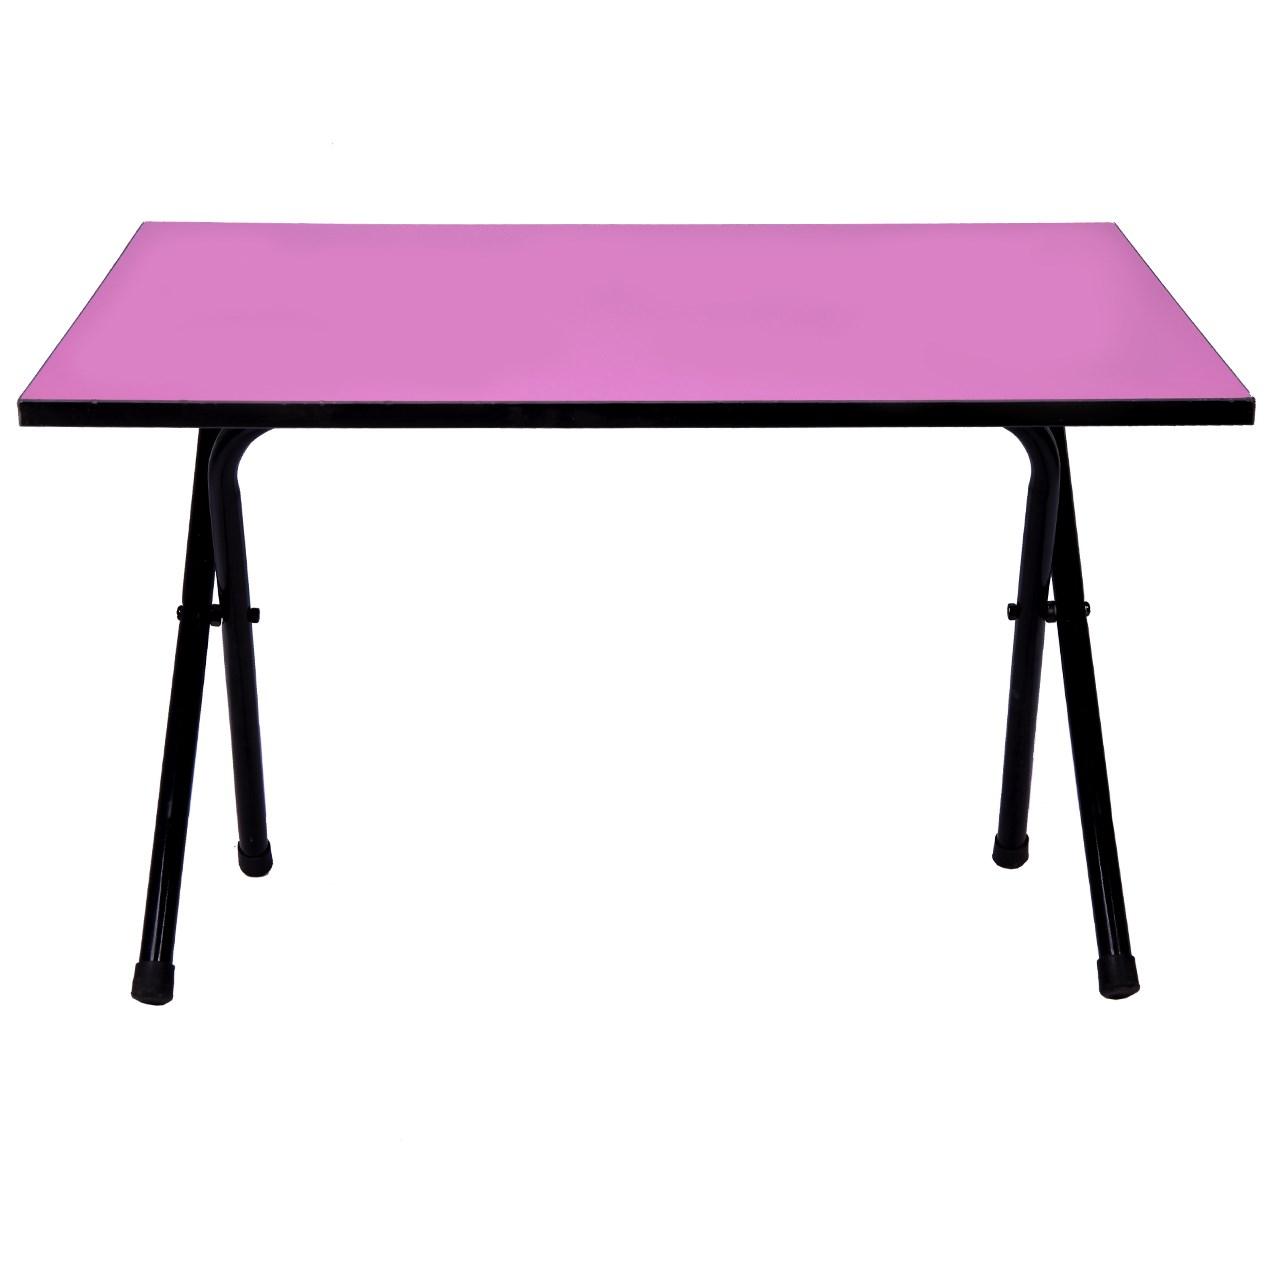 میز تحریر تاشو میلاد مدل 60 کد 1